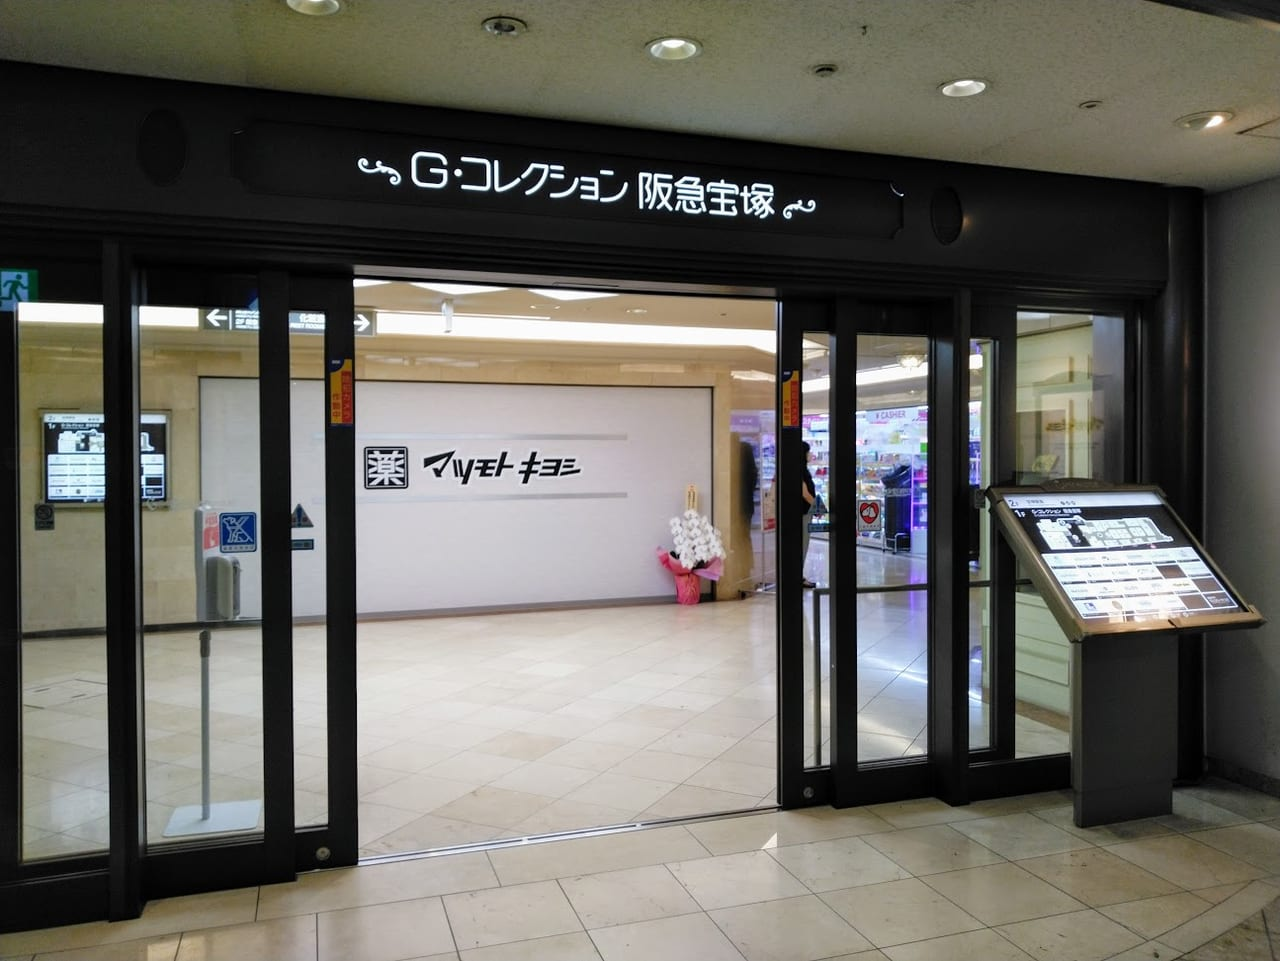 マツモトキヨシgコレクション阪急宝塚店